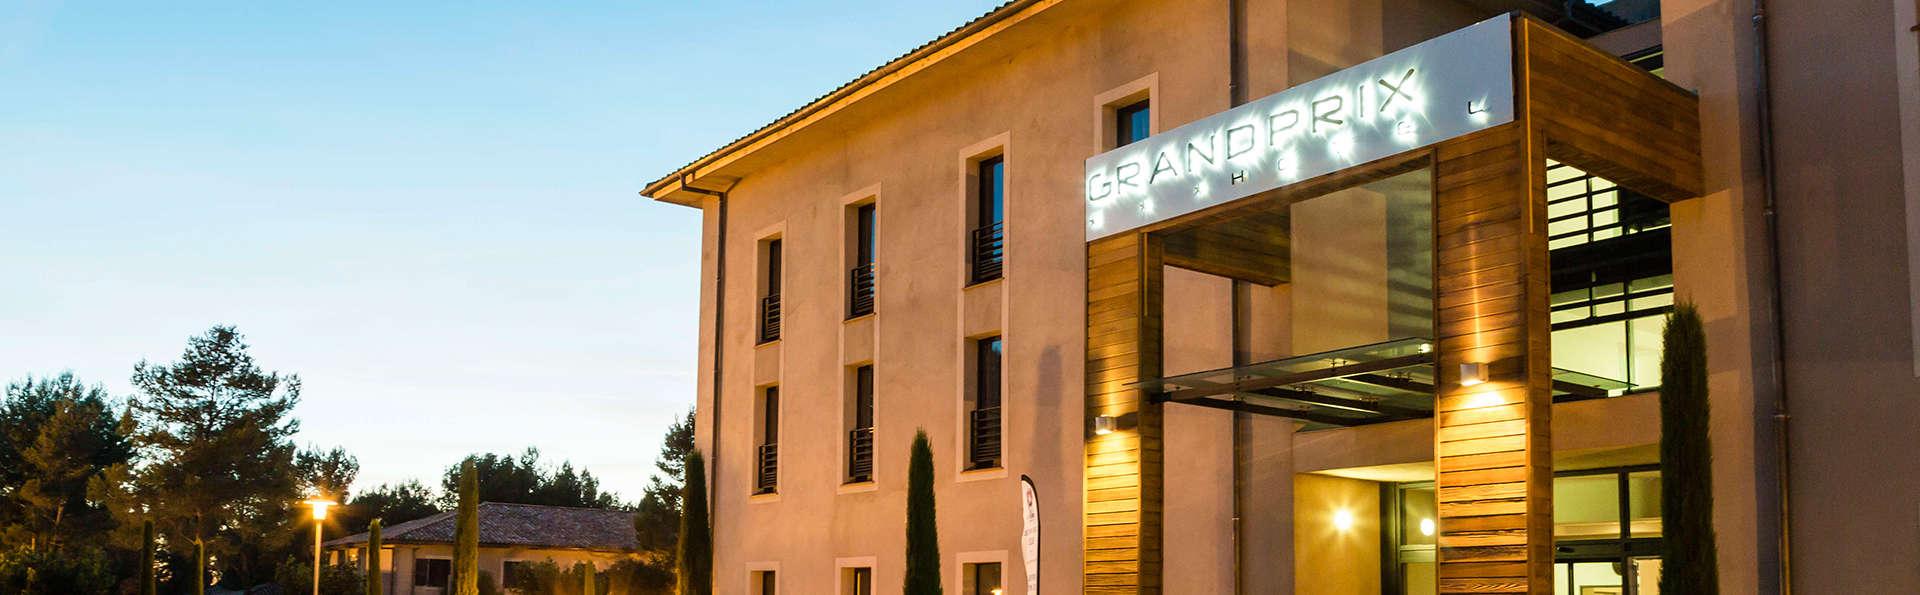 Grand Prix Hôtel et Restaurant - EDIT_front3.jpg